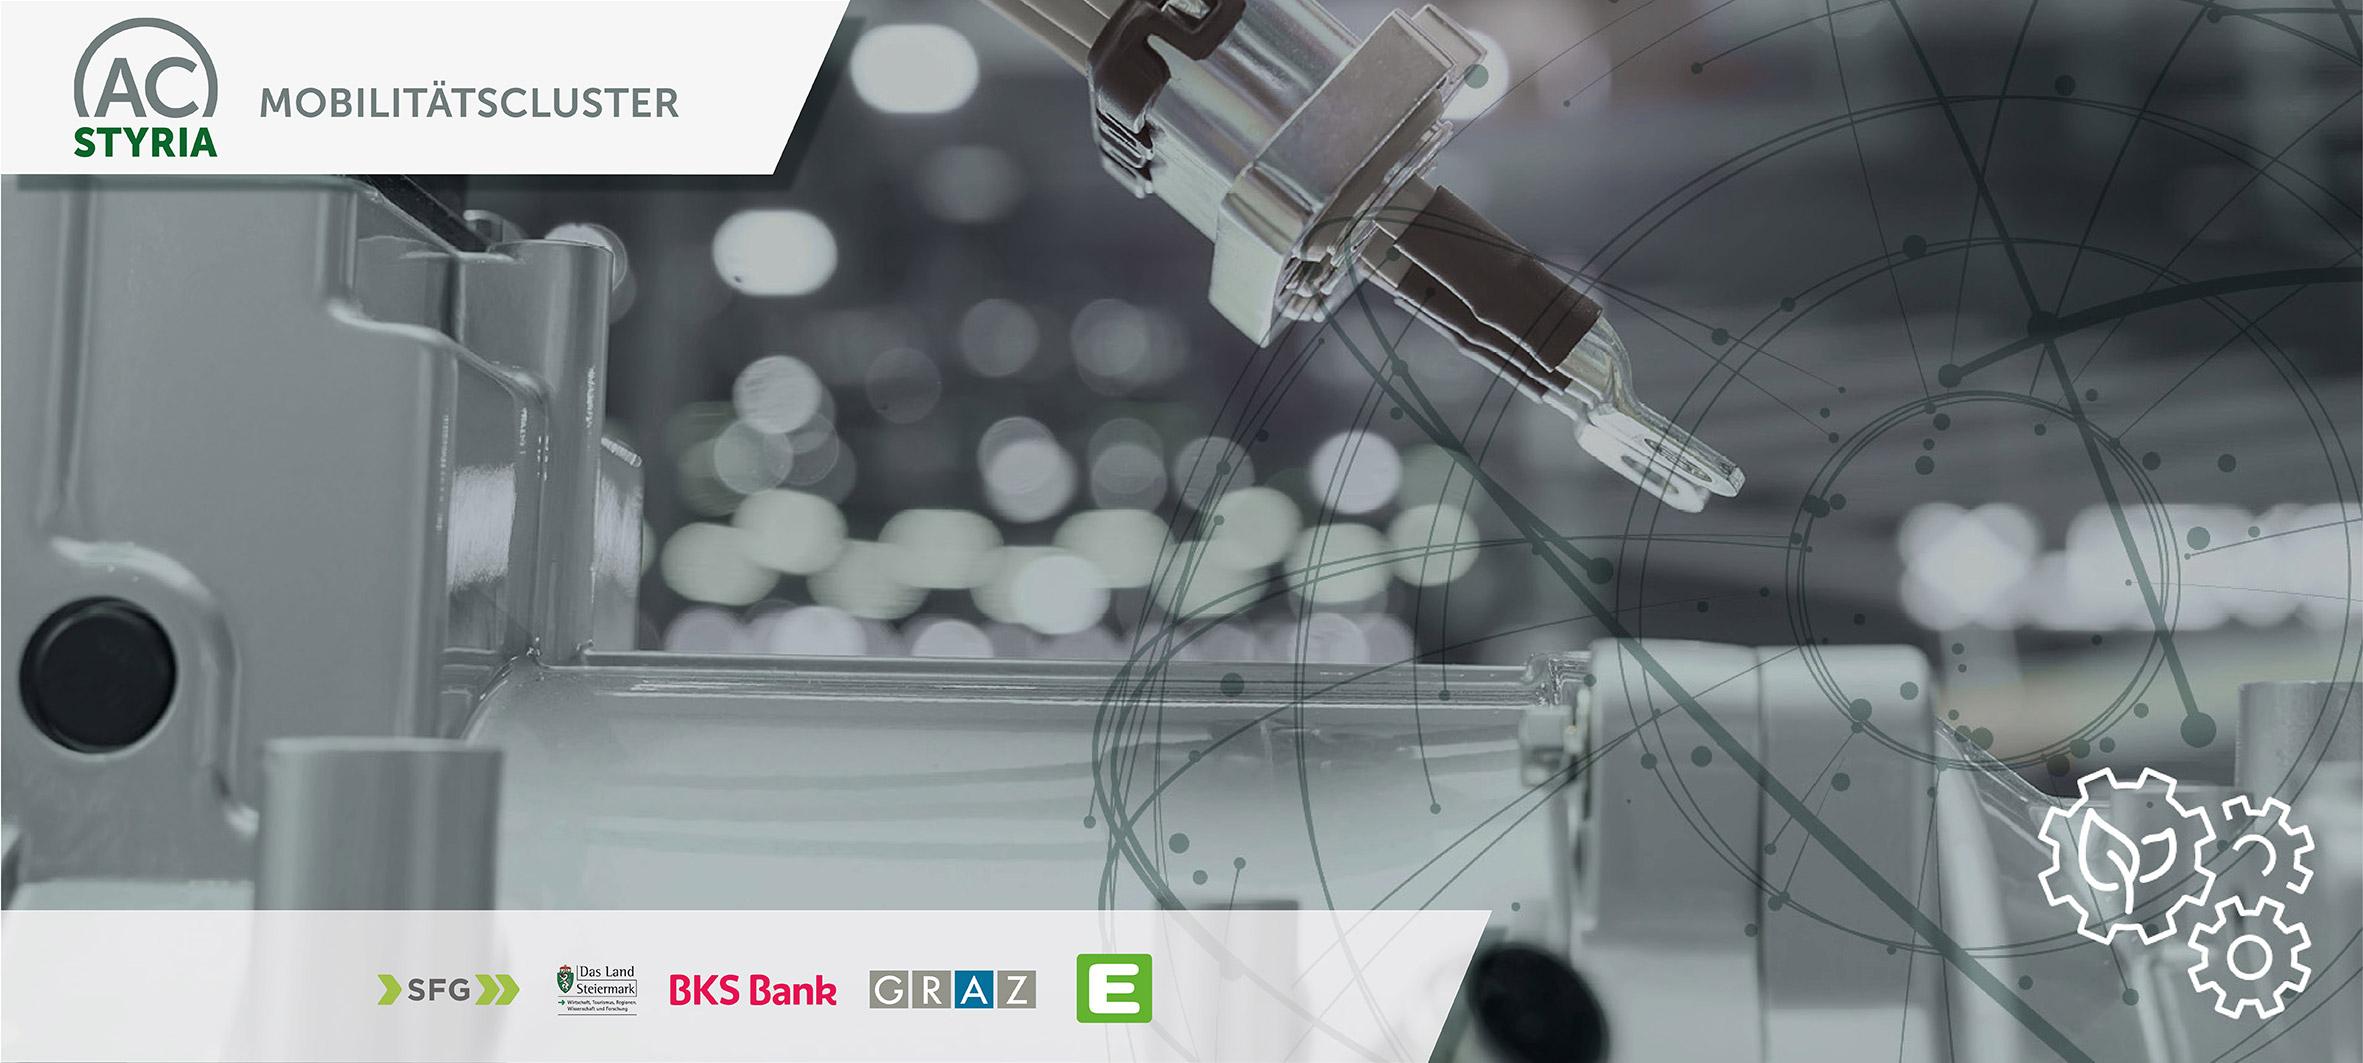 ACstyria Technologie Meeting: Power 2 Liquid – eFuels aus der Steiermark